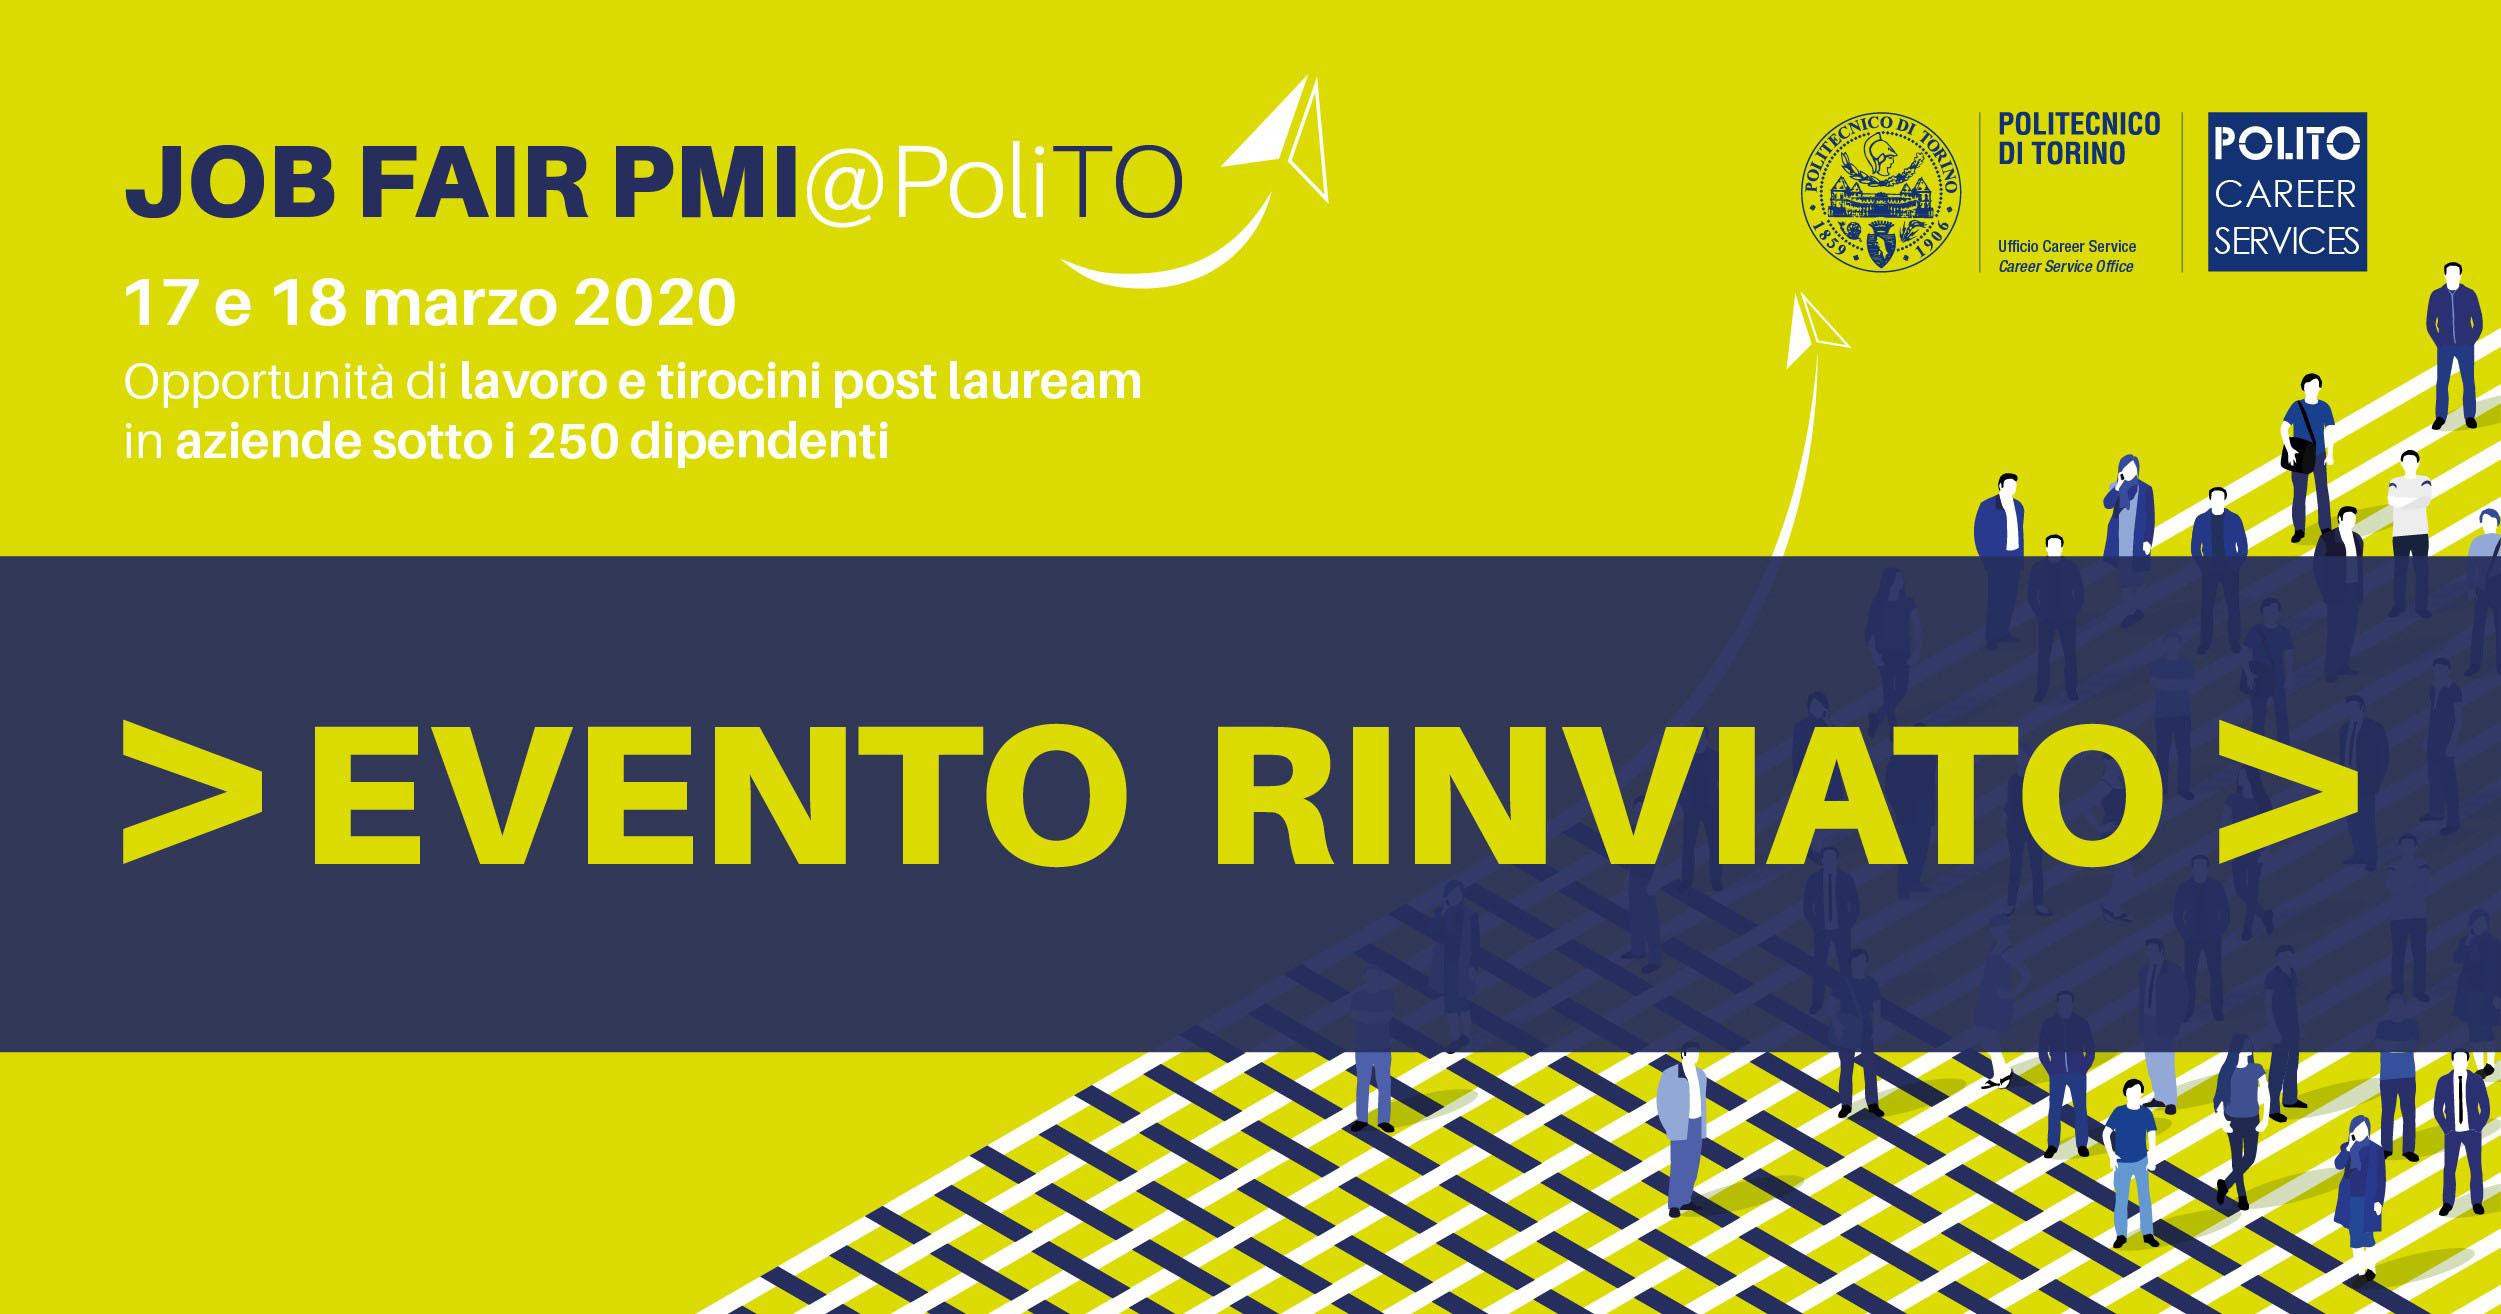 Lavoro Per Architetti Torino career service (aziende) | eventi fieristici